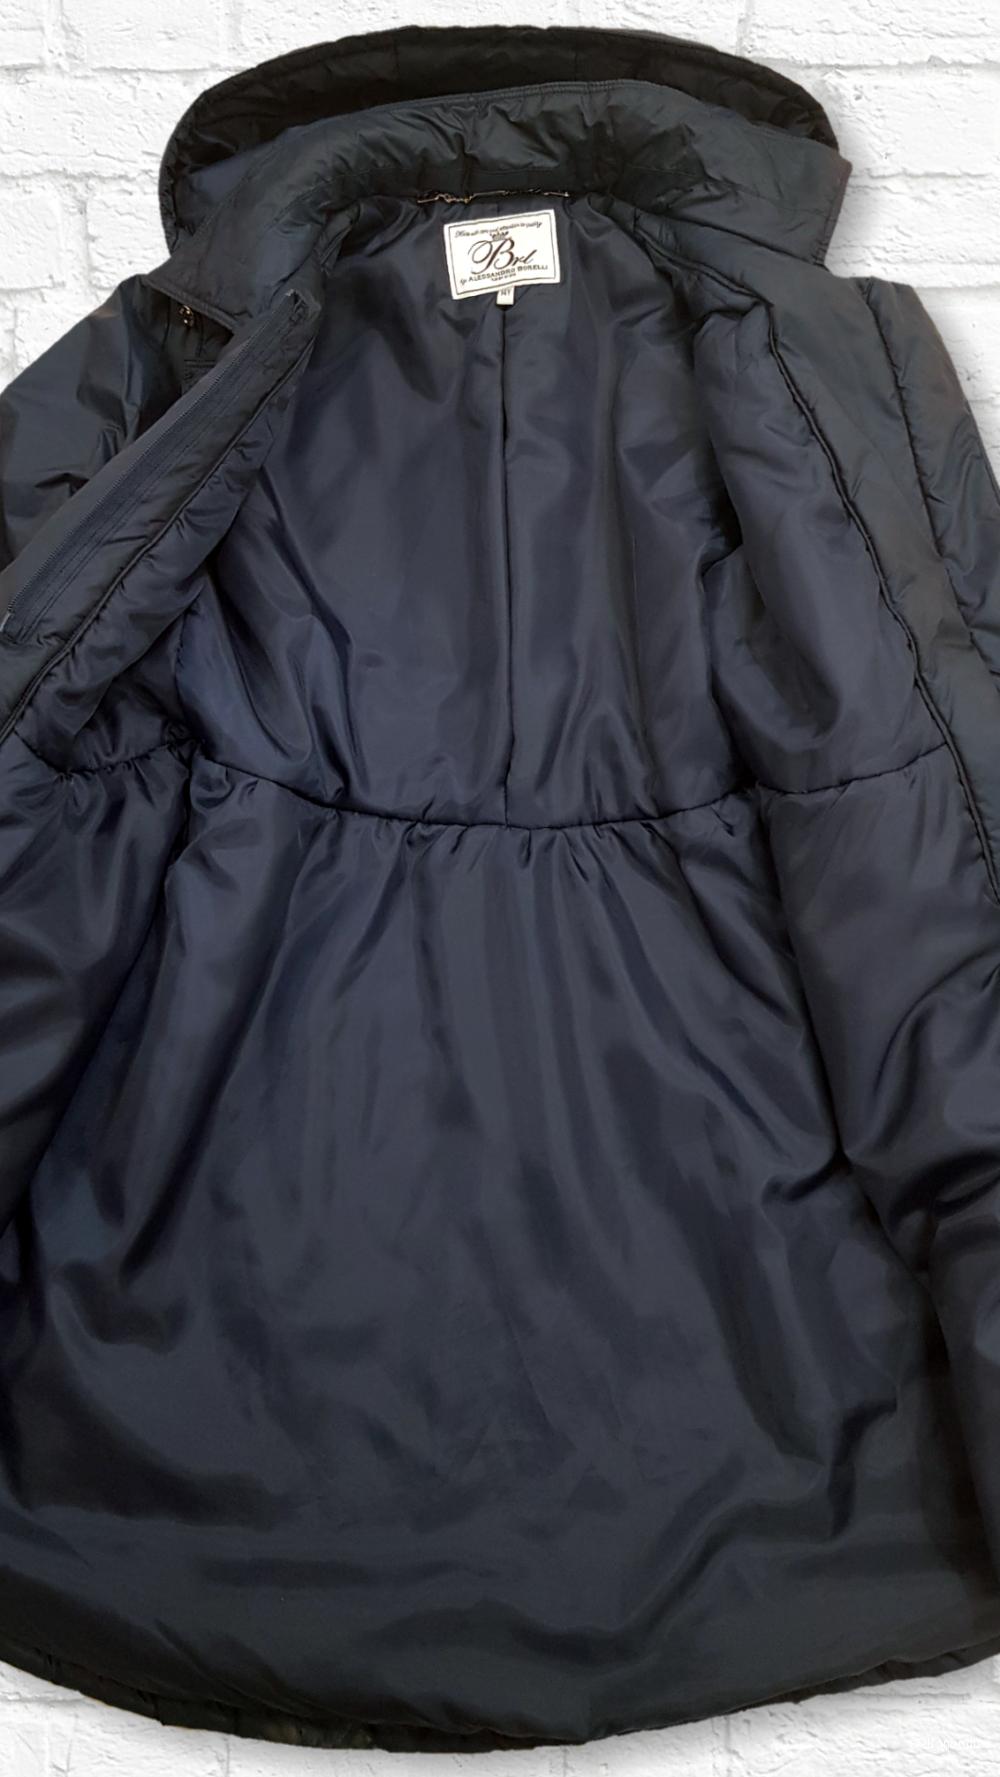 Пальто. Плащ. Alessandro Borelli. 13/14  лет/152/160